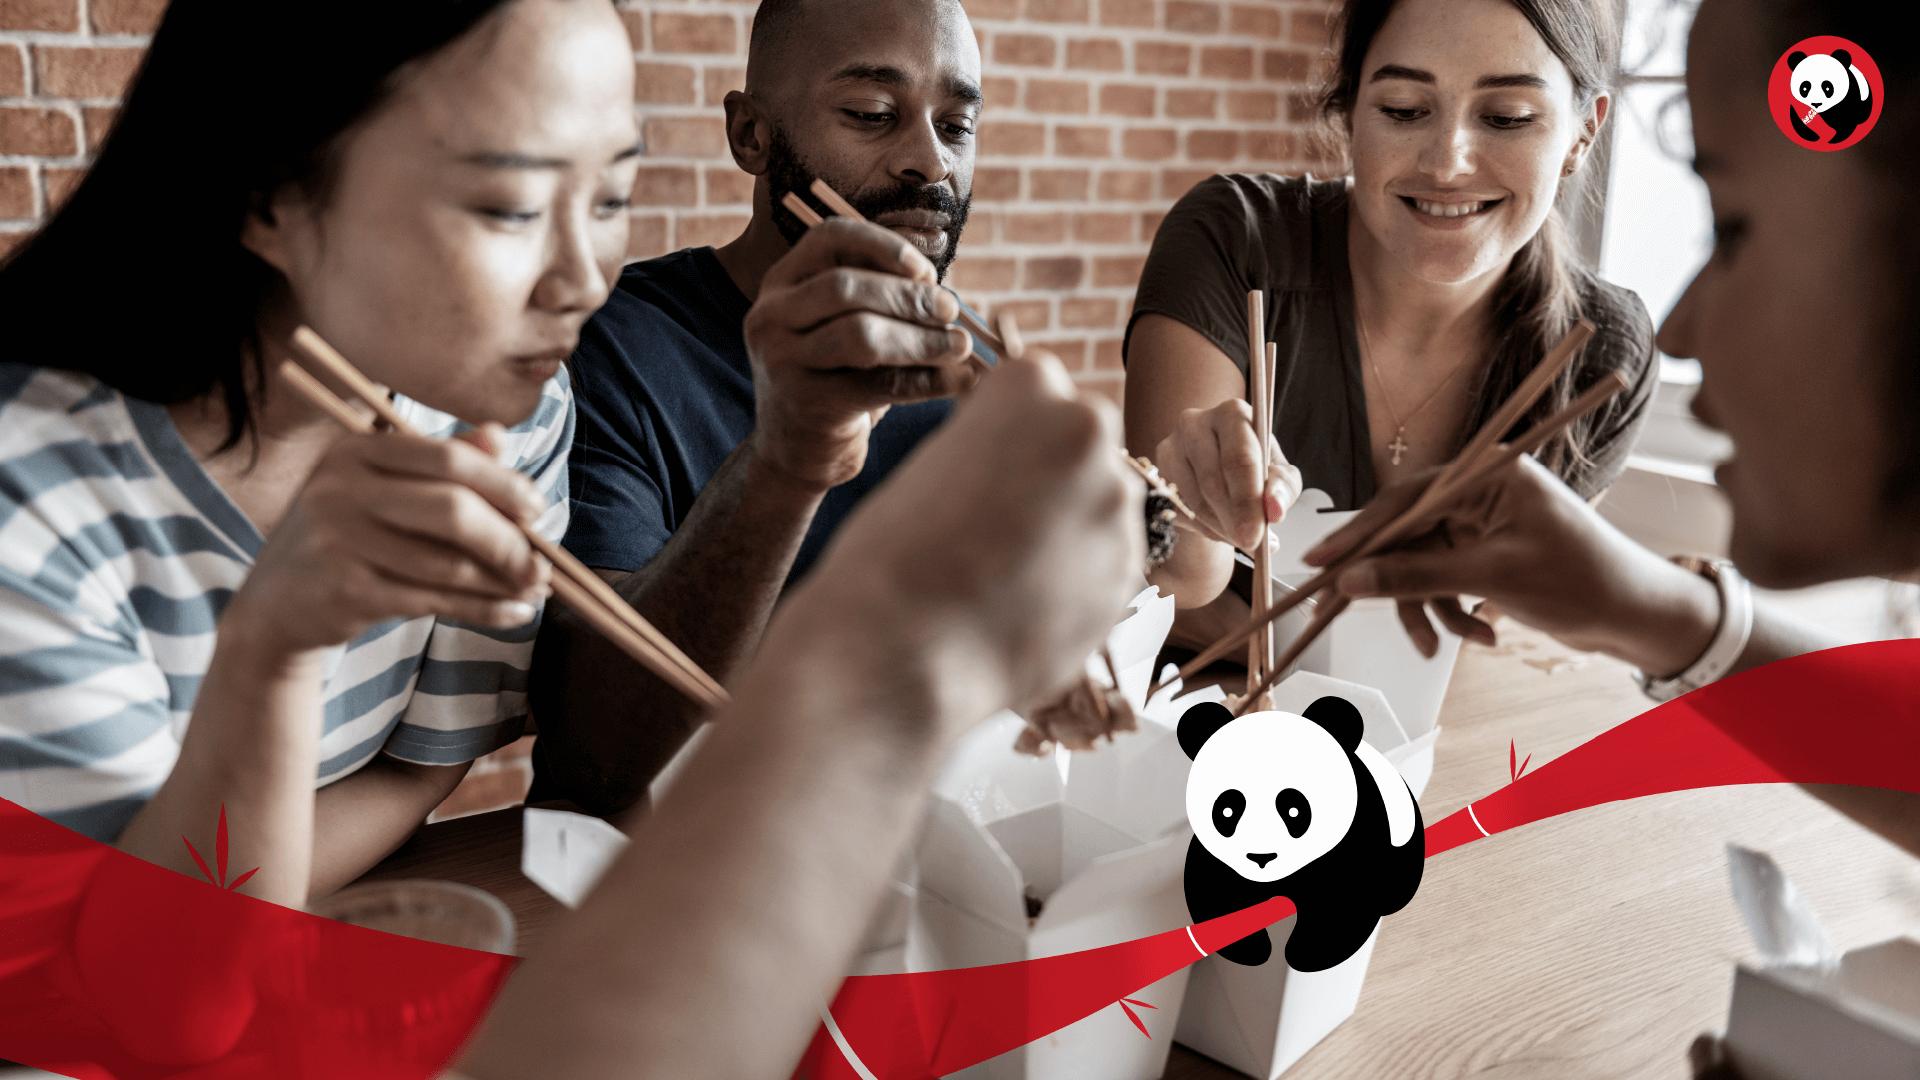 Panda_Sketch_1.9-27